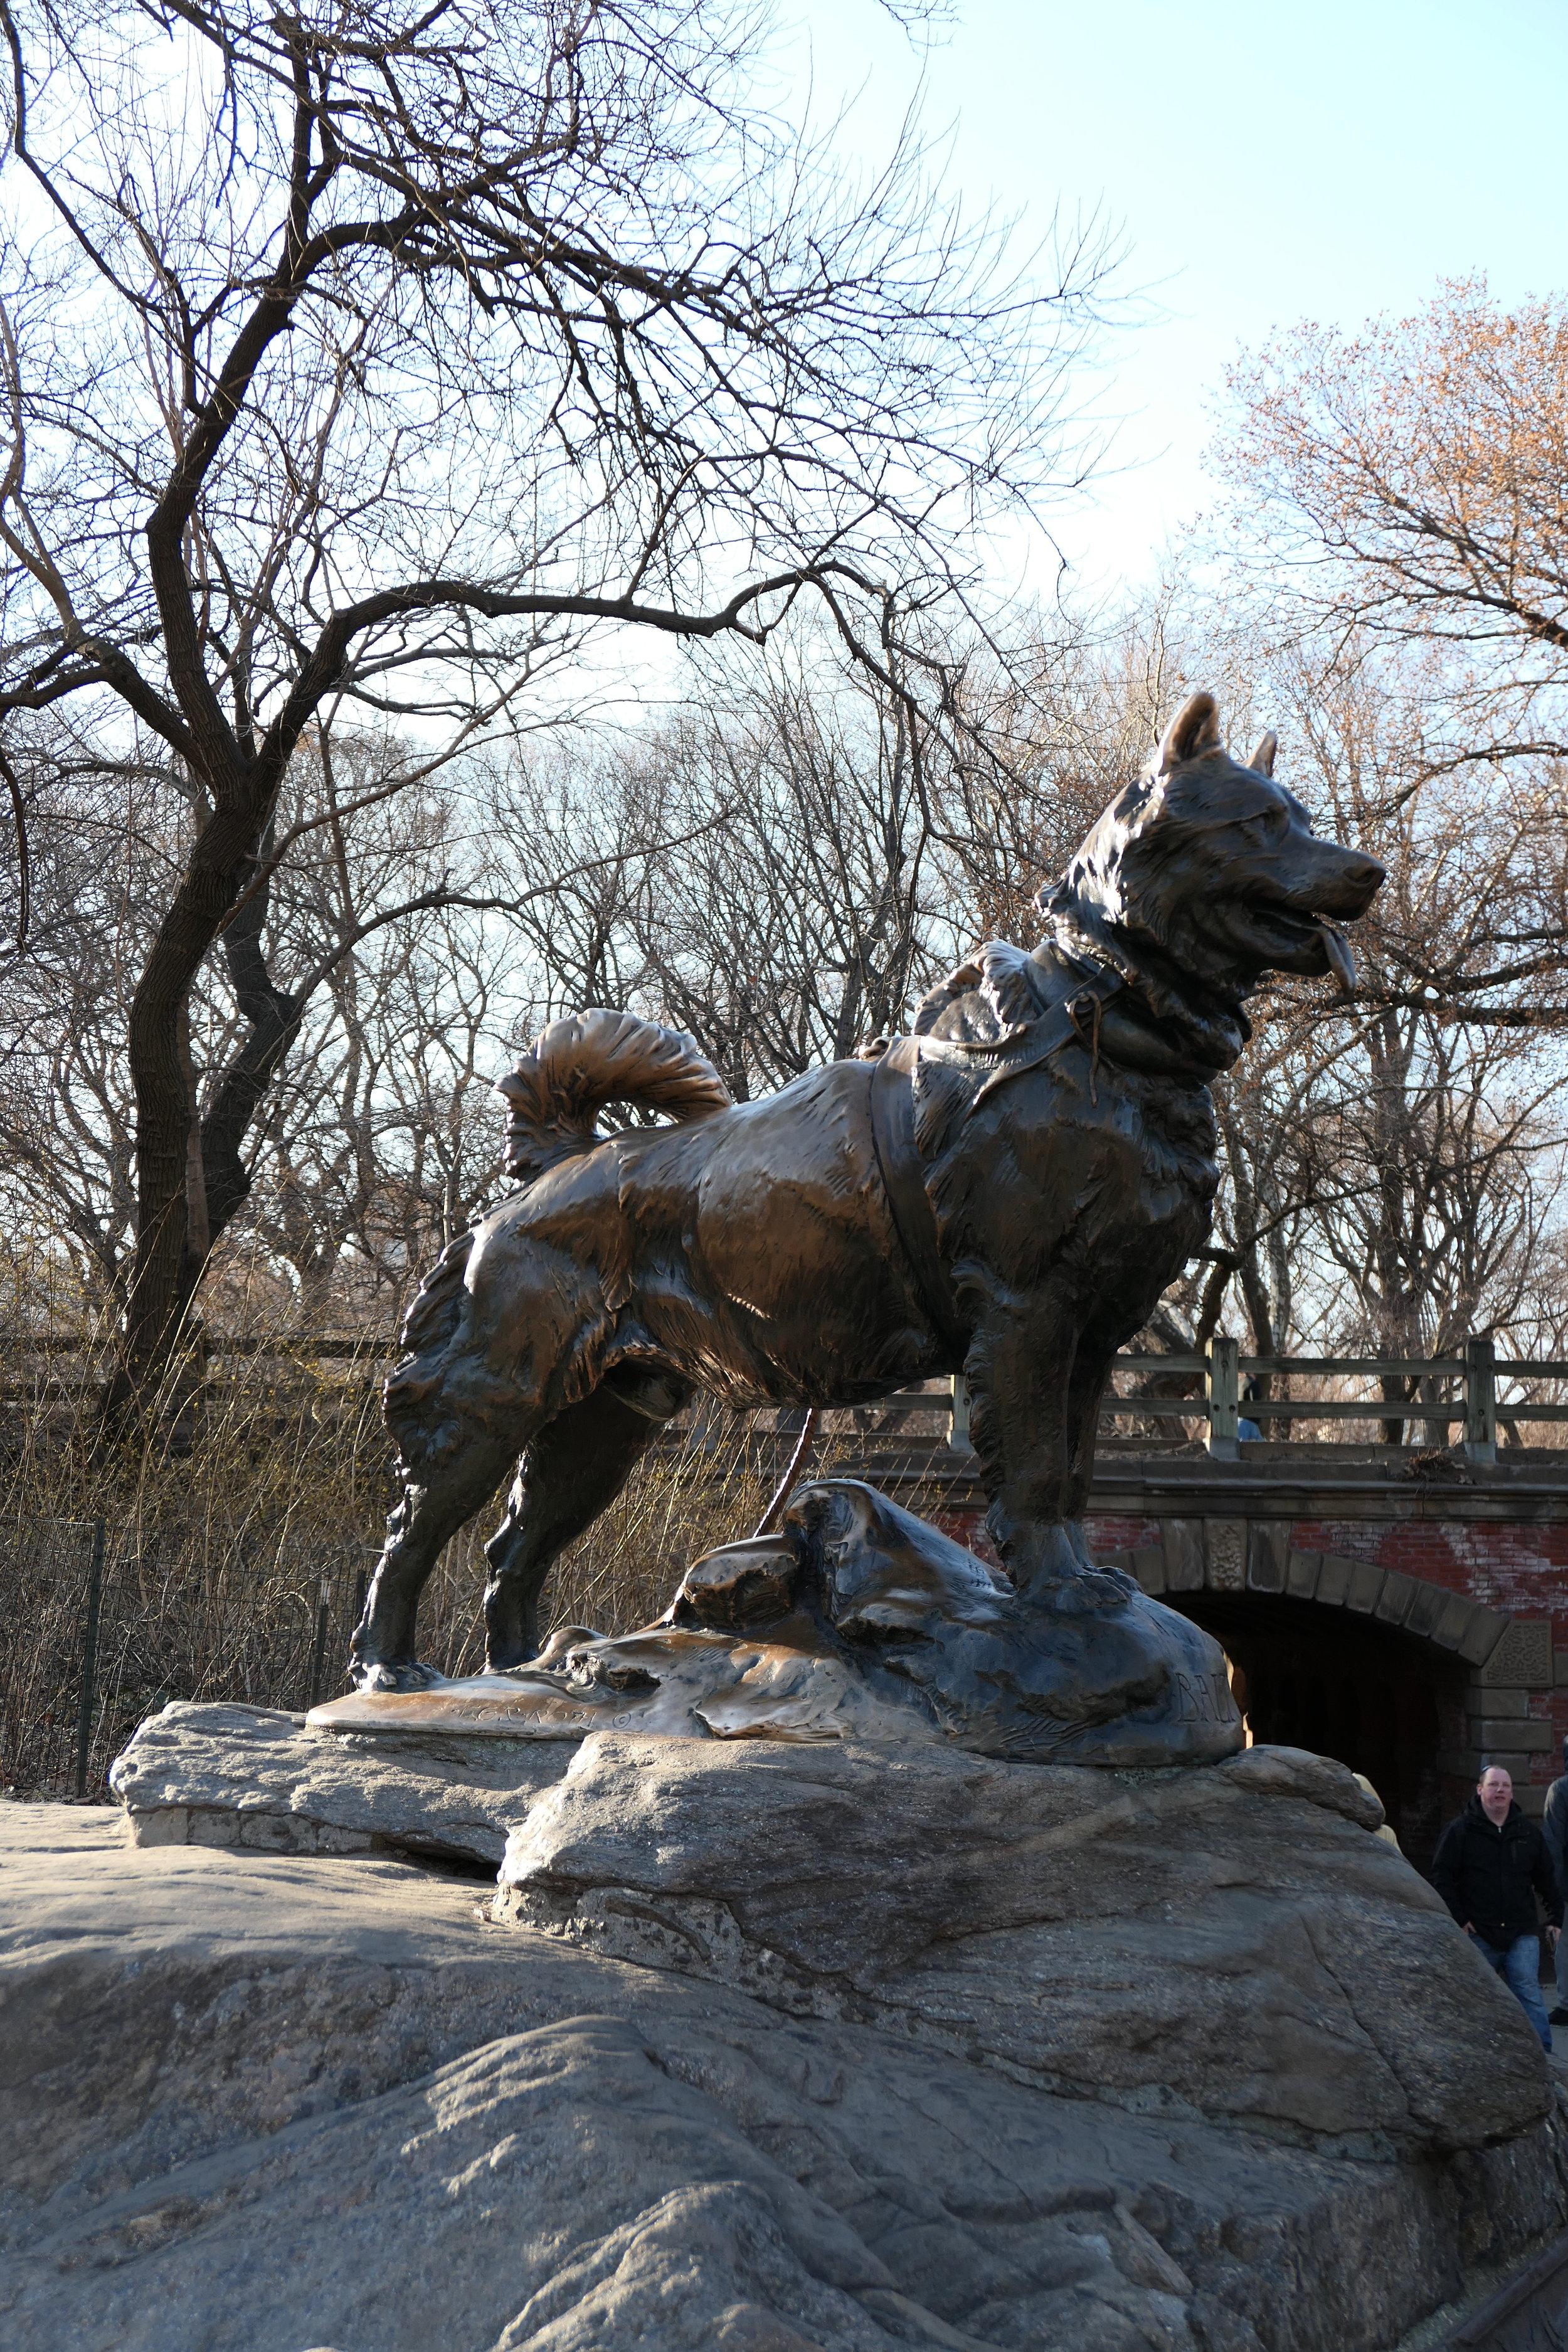 Lead Dog Balto Statue in central Park